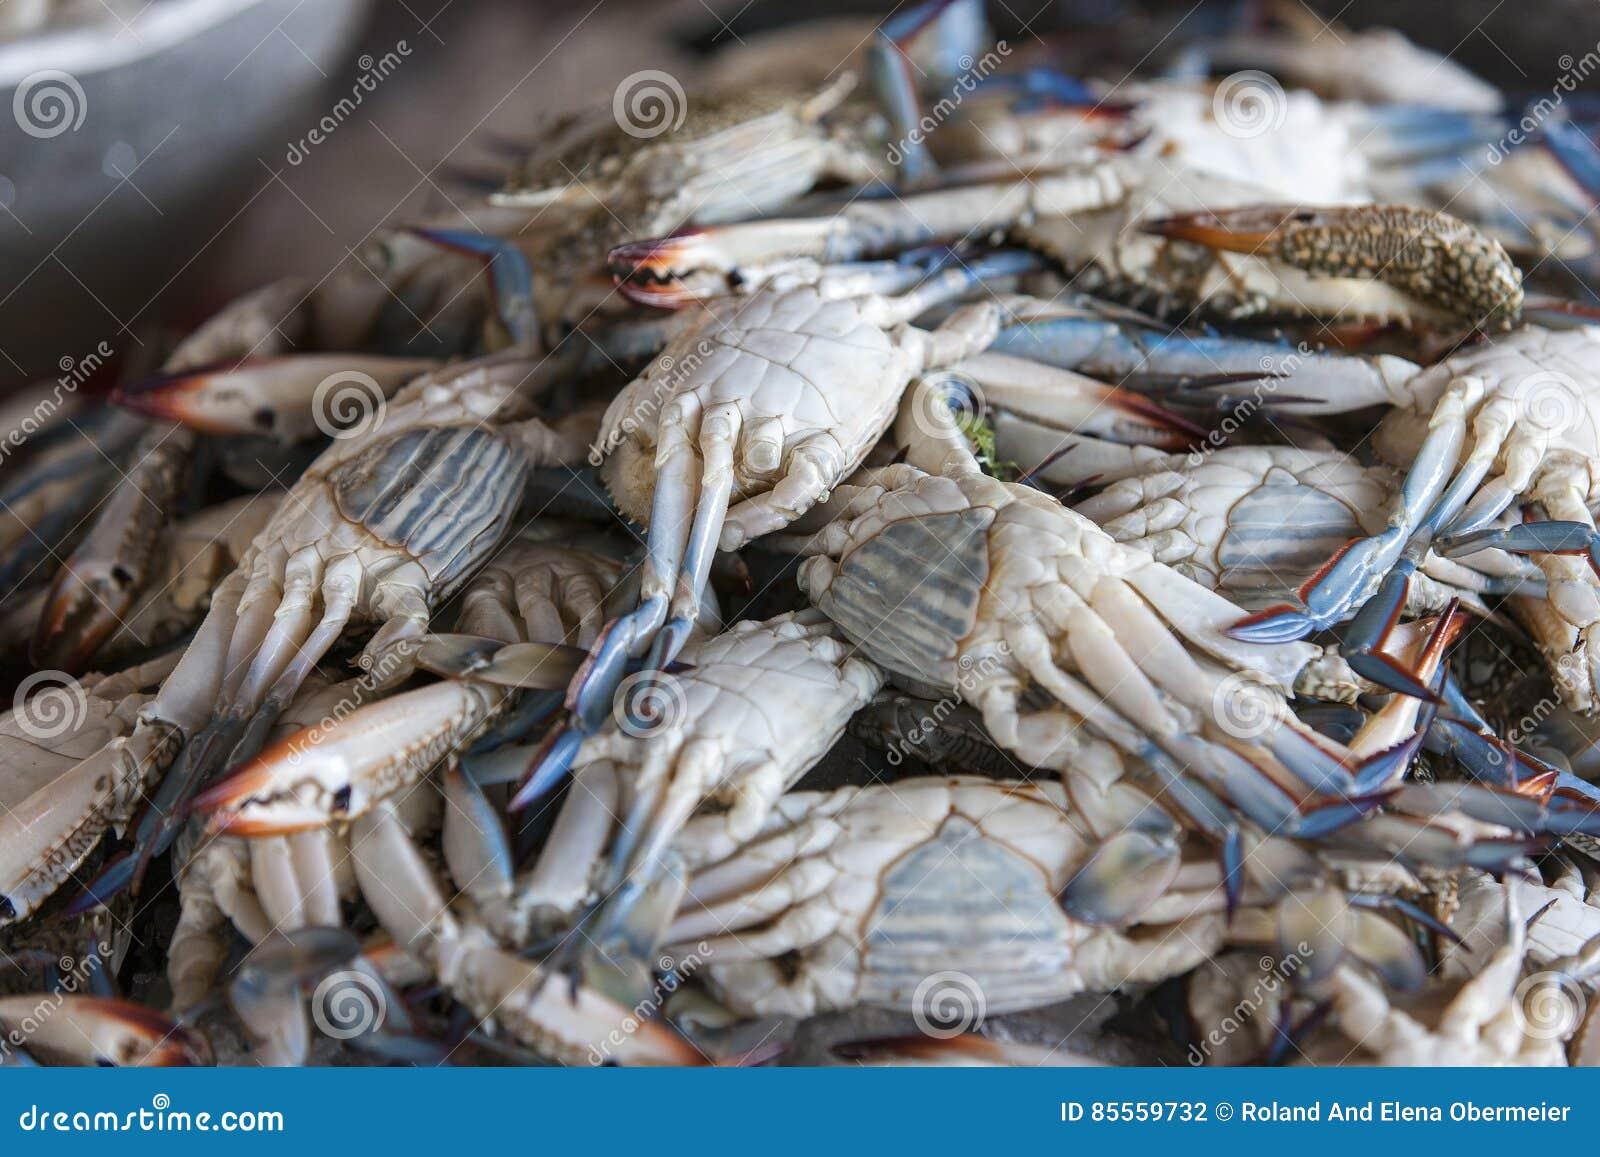 Frische blaue Krabben auf der Fischmarktanzeige